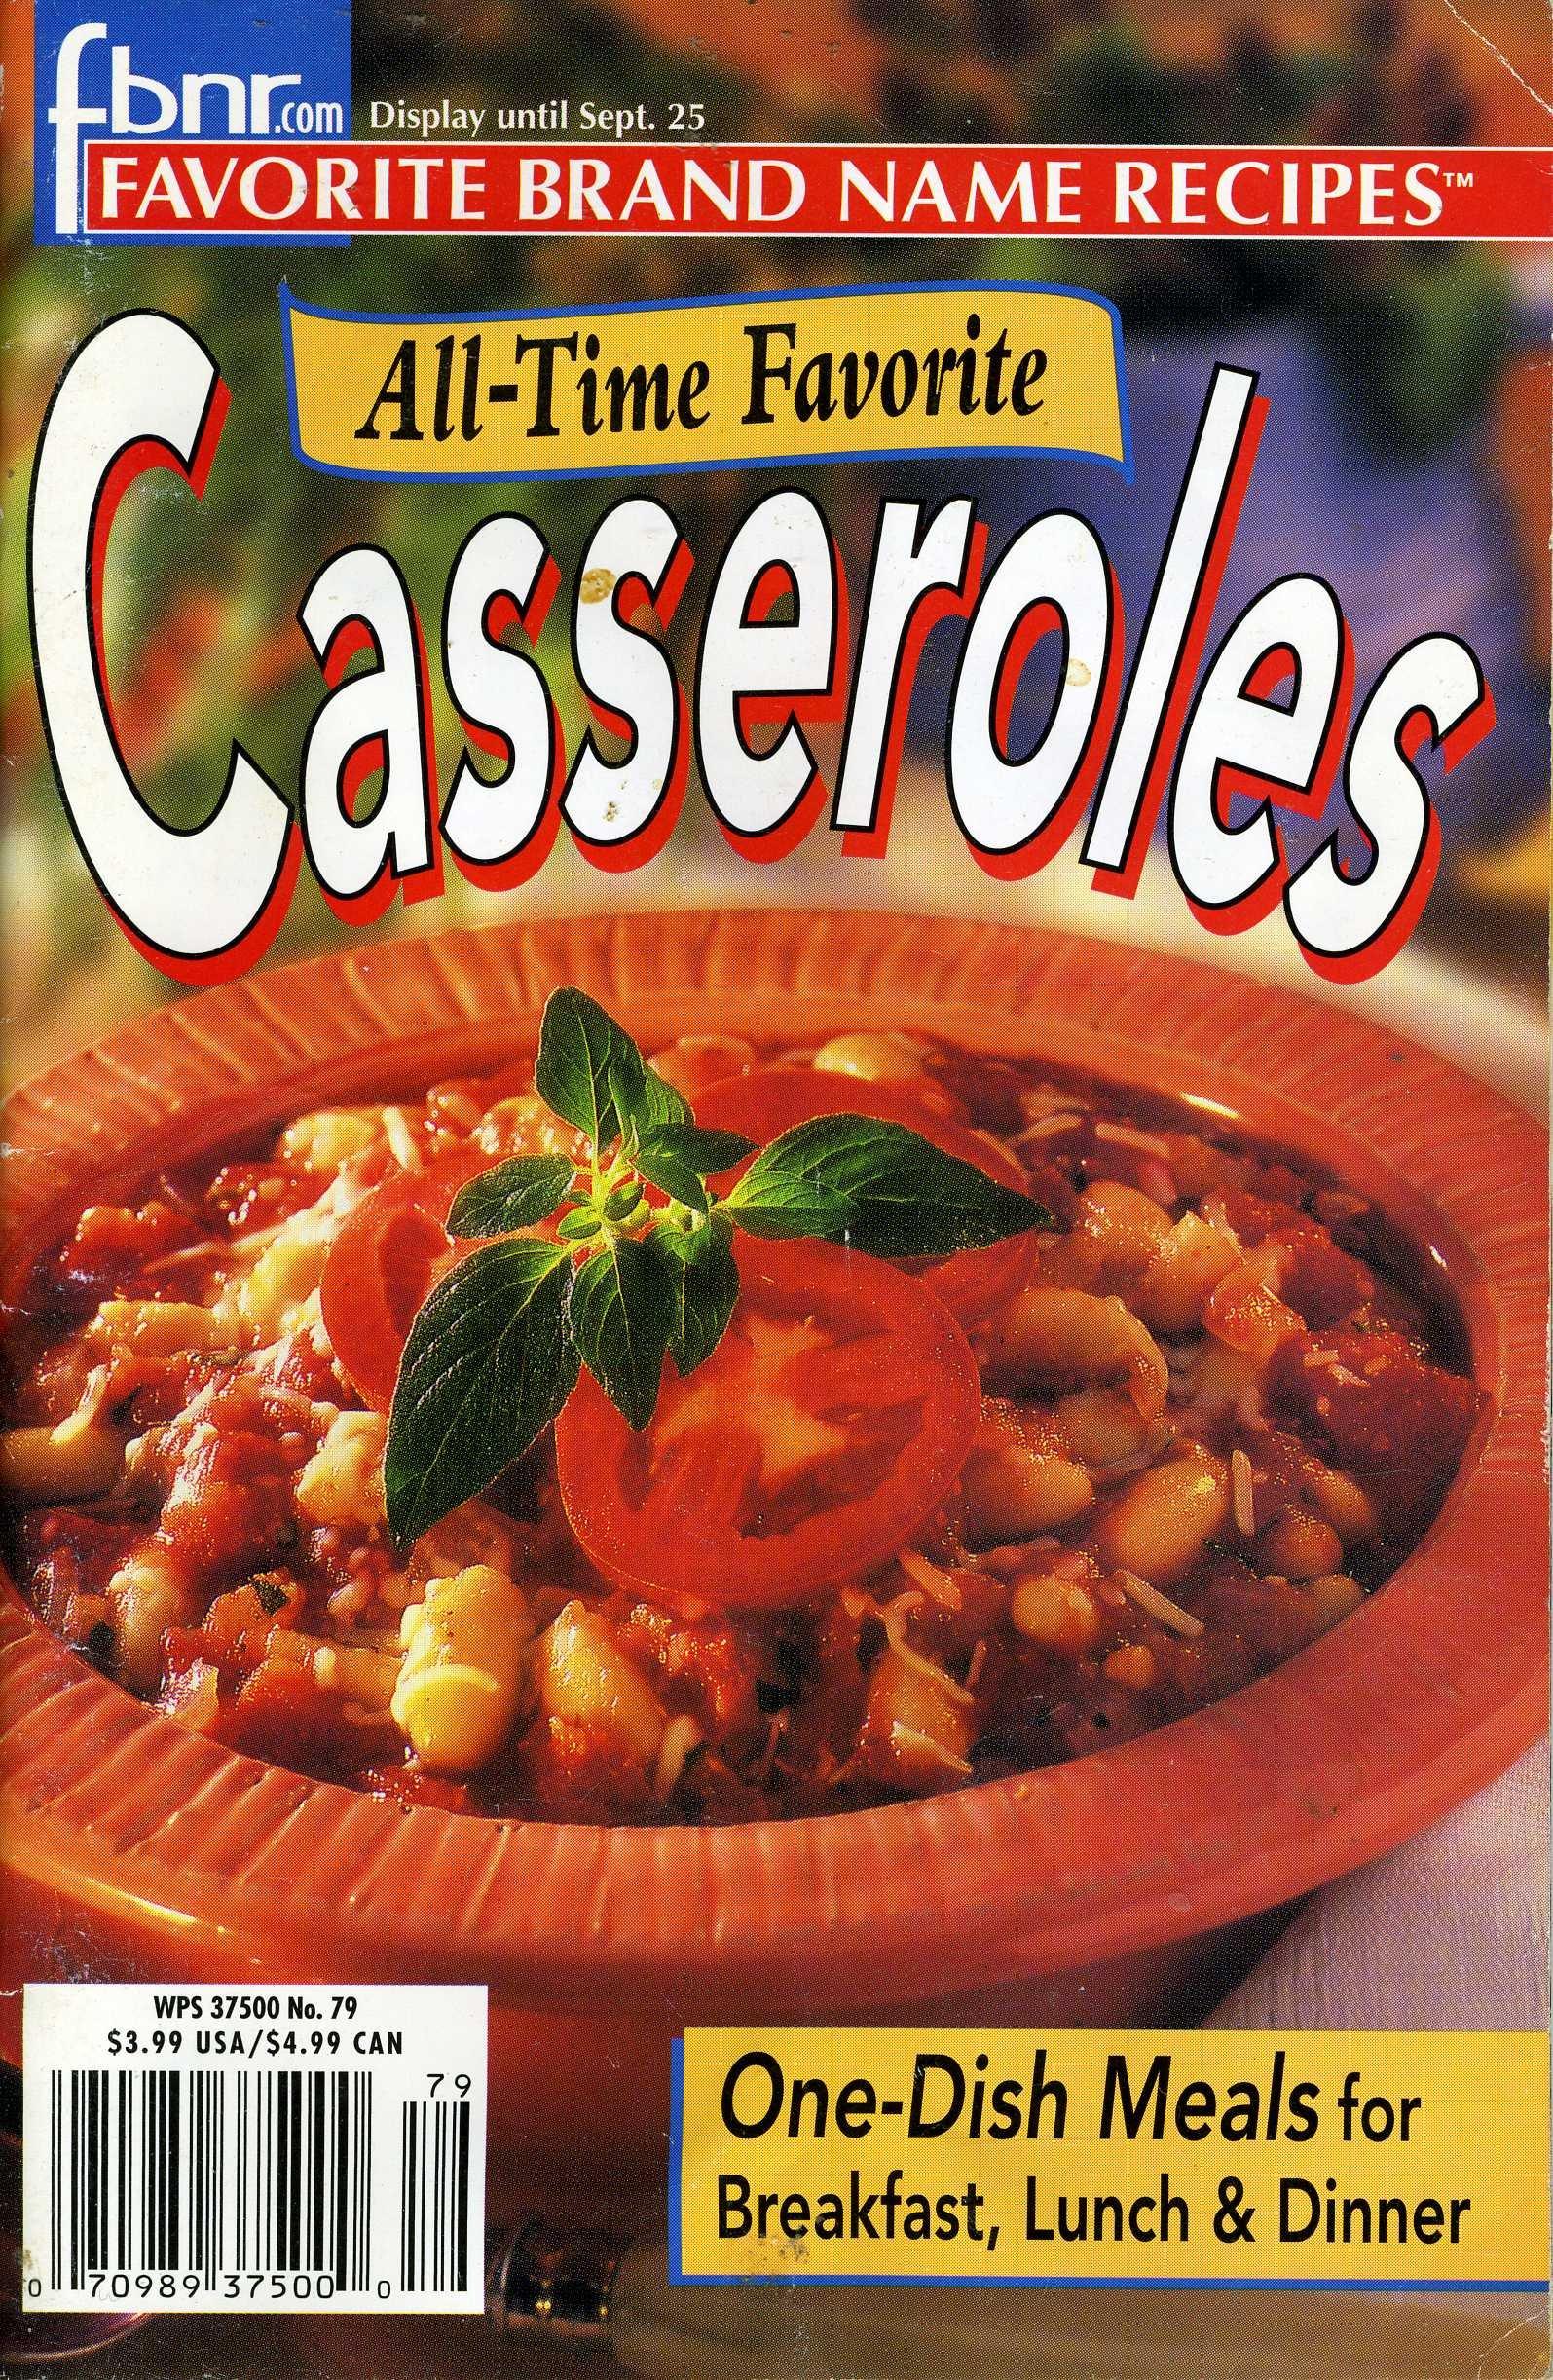 All-Time Favorite Casseroles Vol. 6 (Sept. 25th, 2001) No. 79 (Favorite Brand Name Recipes) ebook